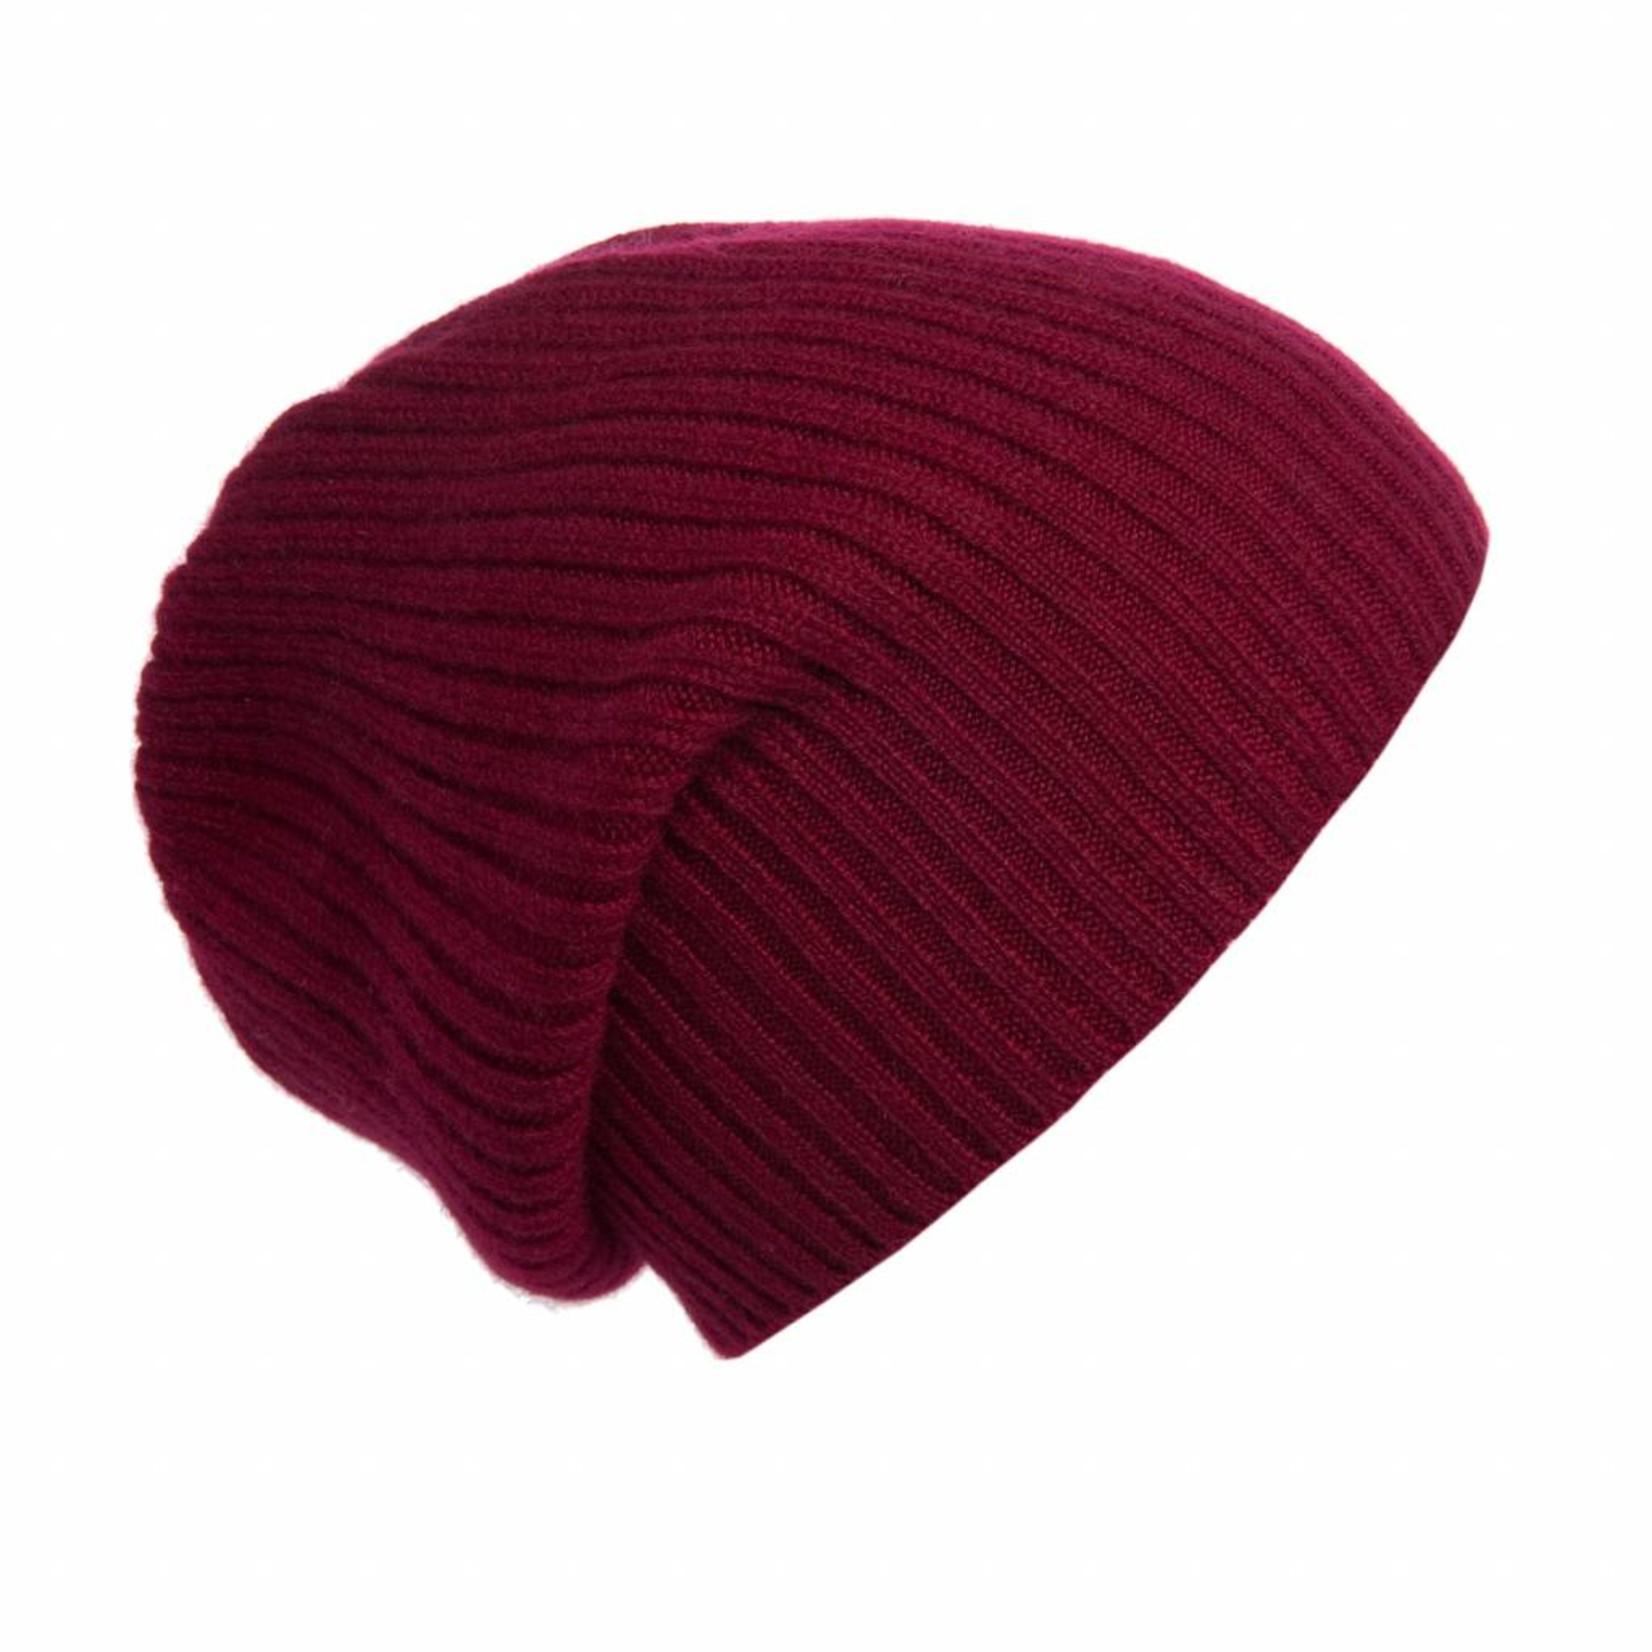 Odgo - Mütze aus Kaschmir